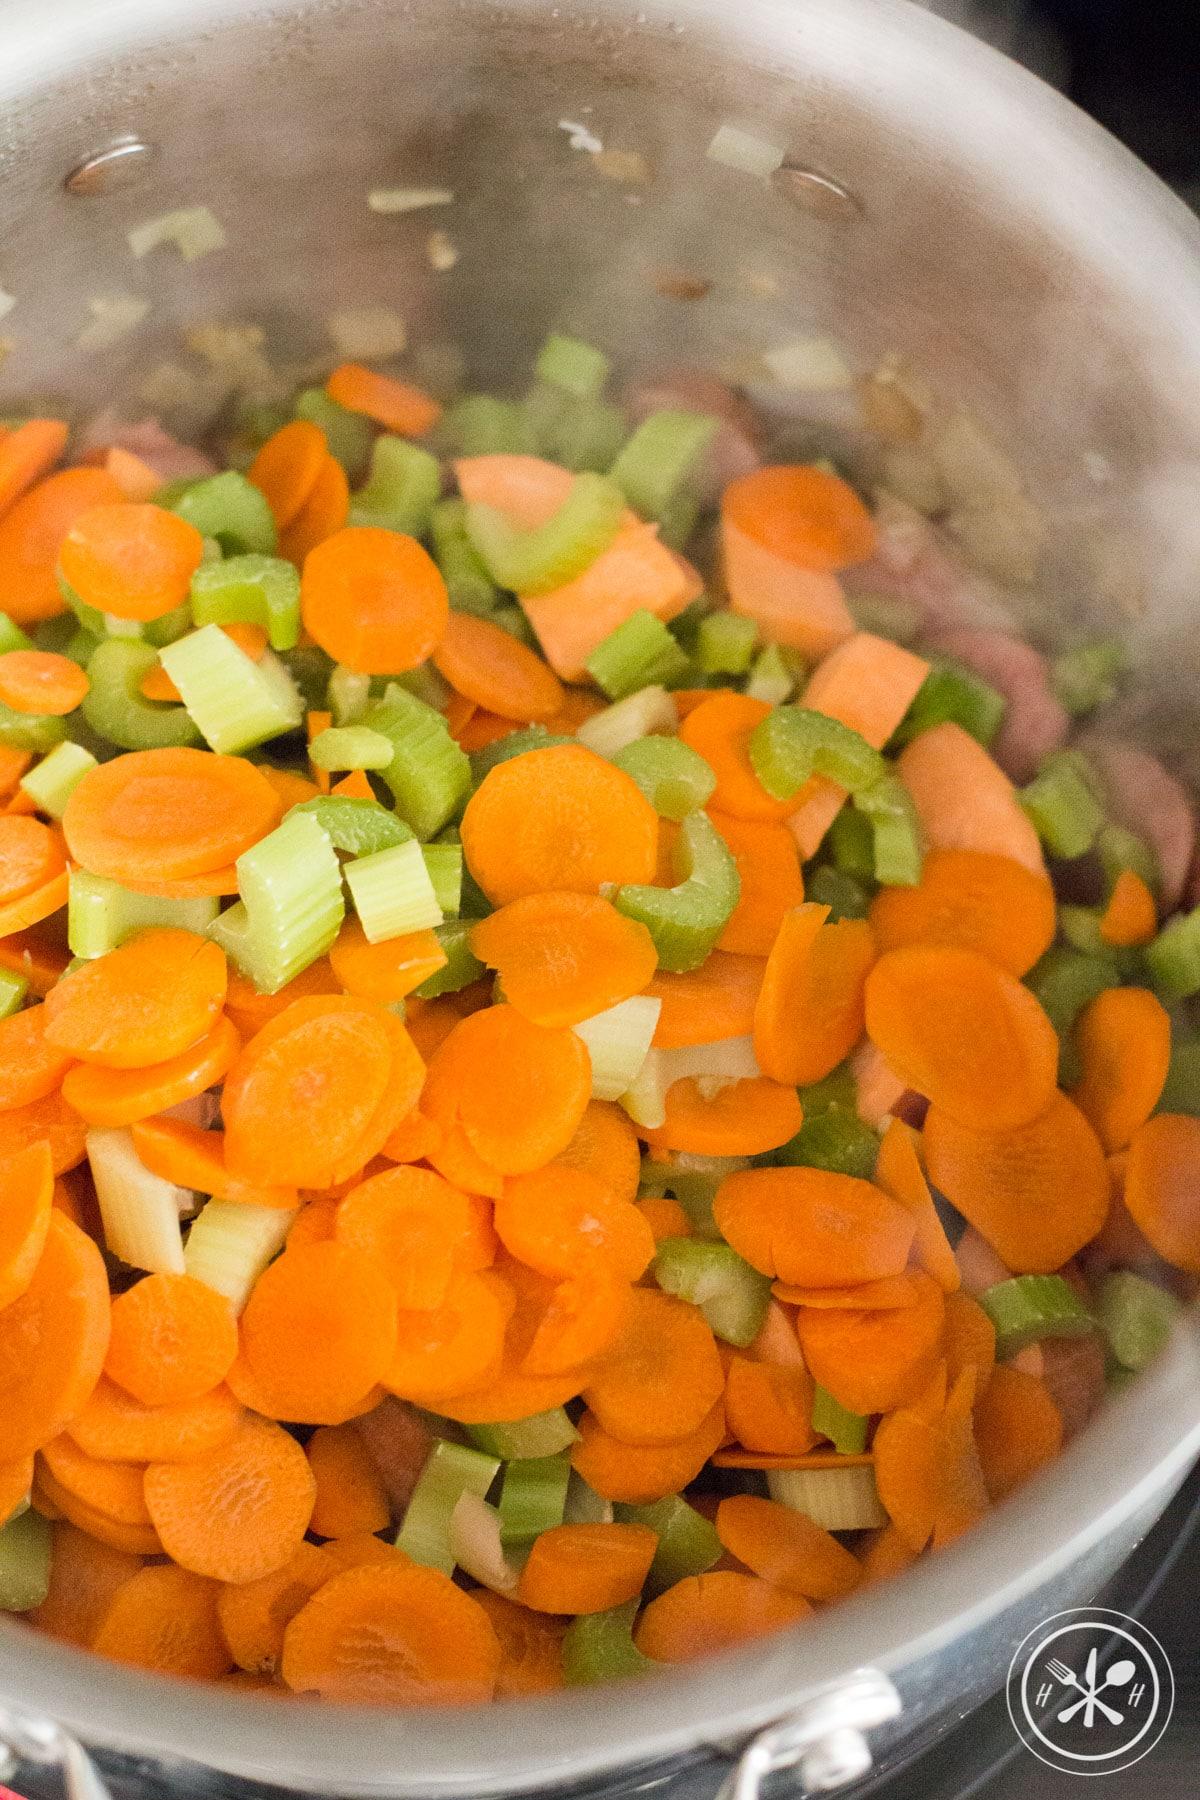 soup cooking with veggies and kielbasa sausage-1